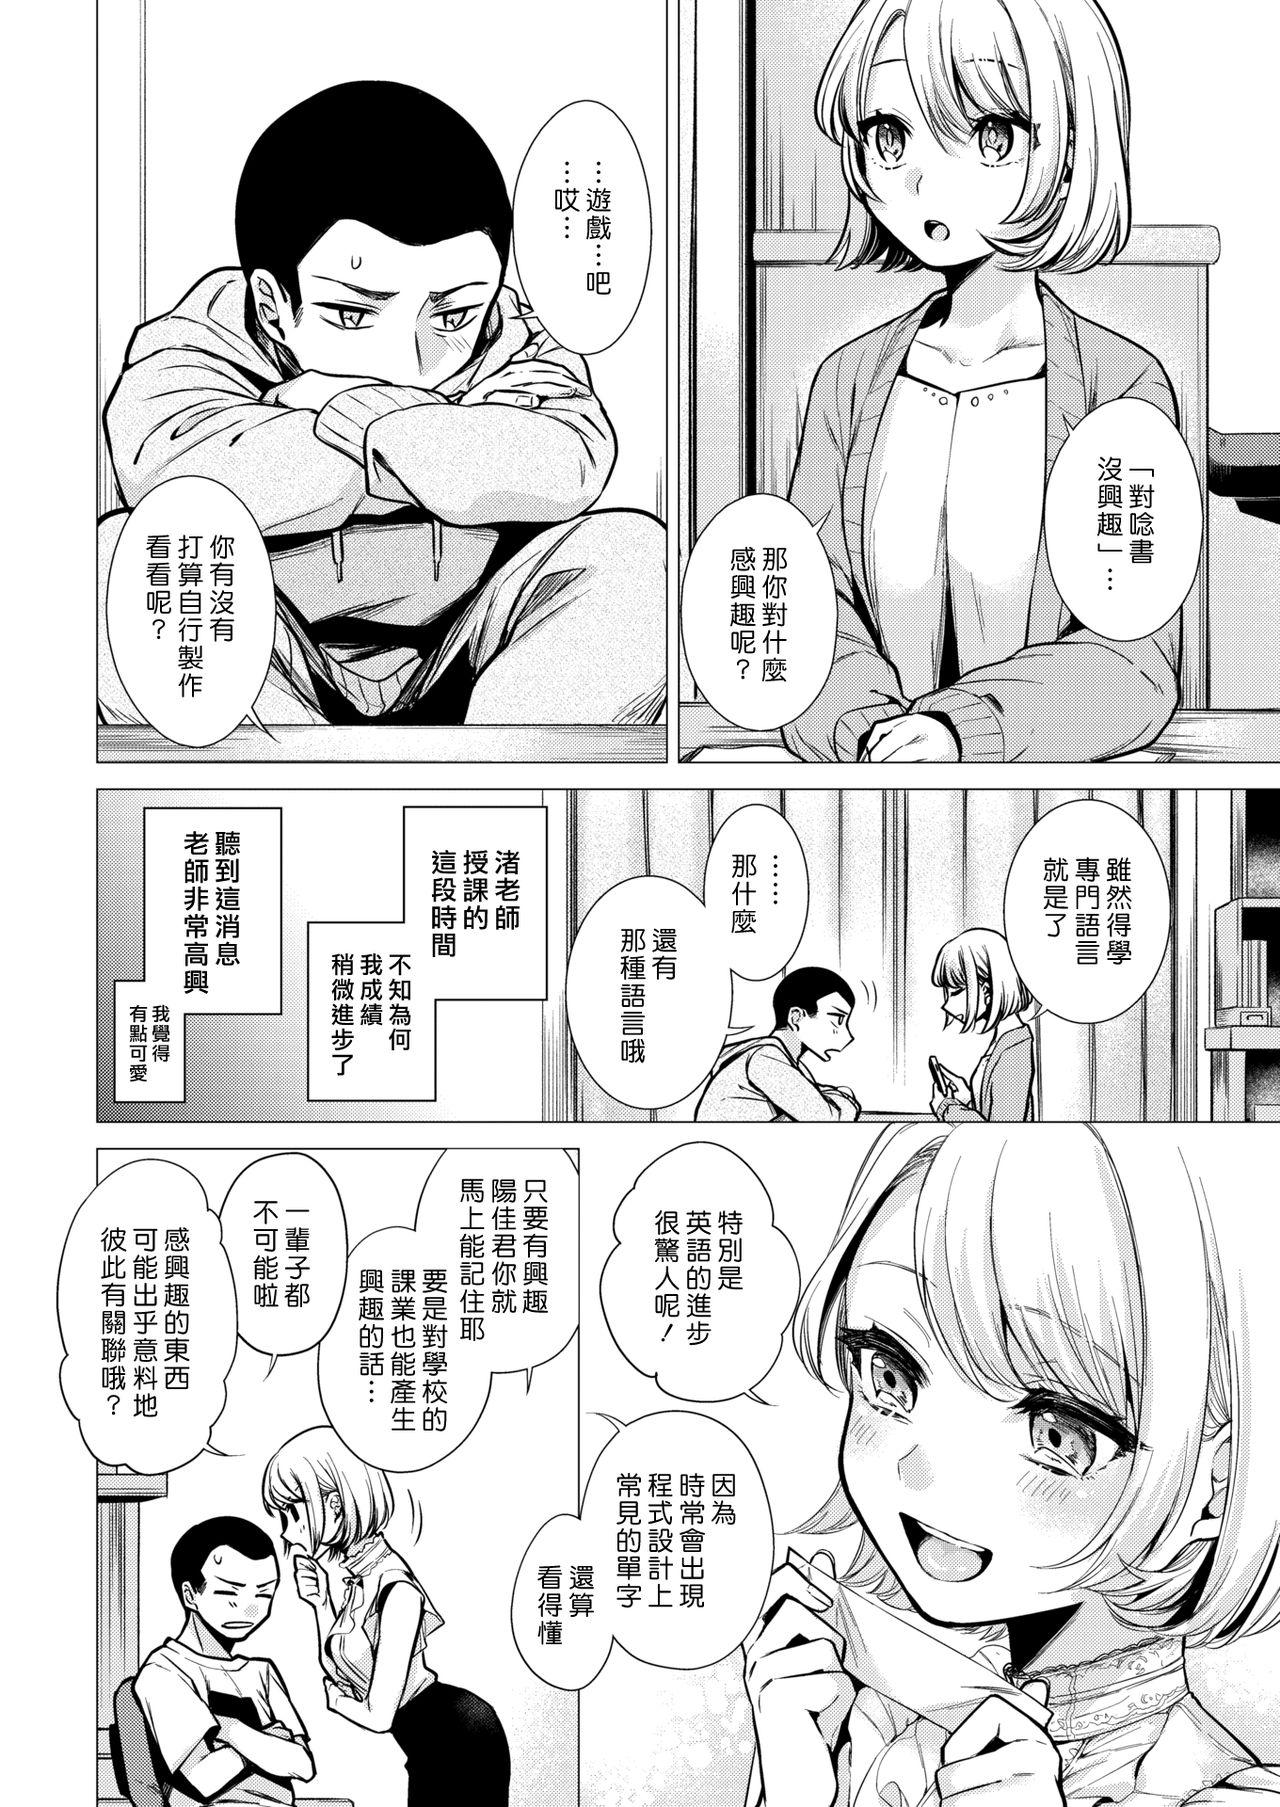 [亜美寿真] なぎさ先生 渚老師 短发妹 (COMIC 快楽天 2021年8月号)